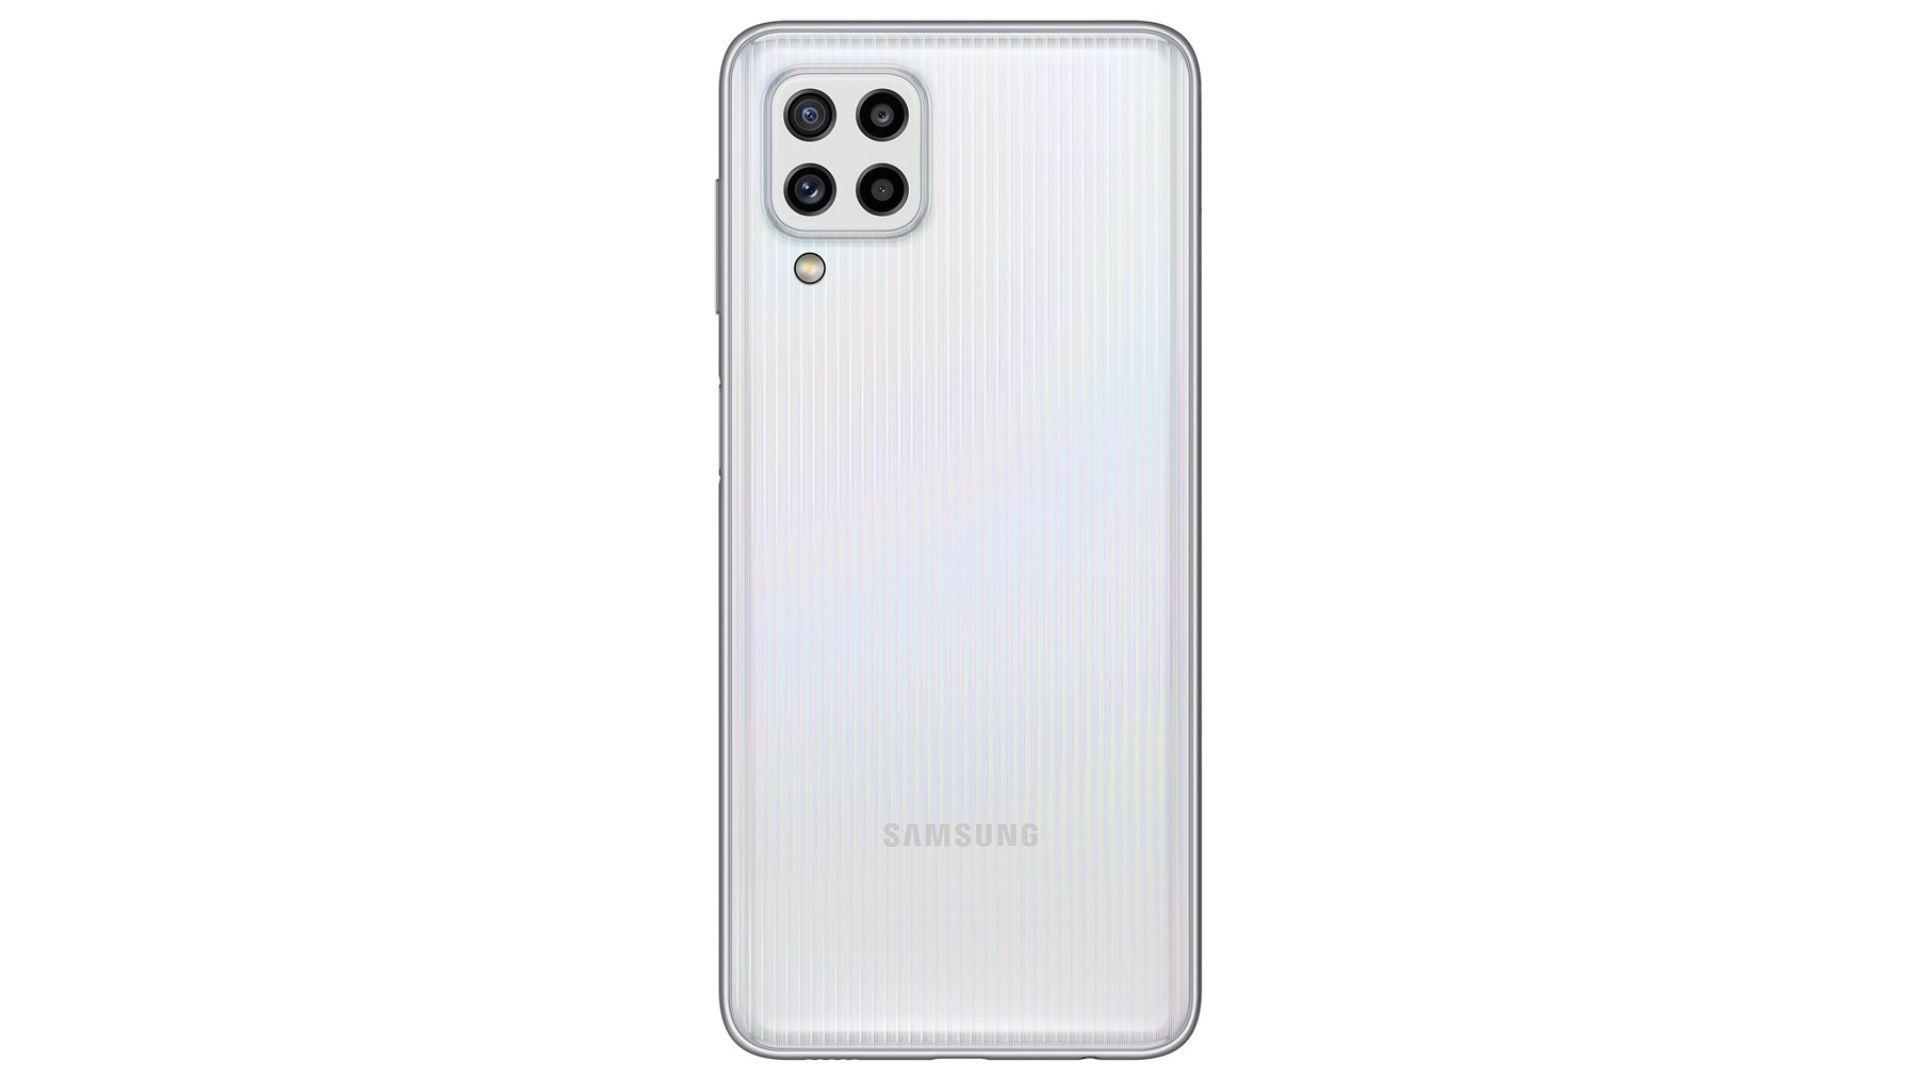 Celular Galaxy M32 na cor branca com traseira destacada em fundo branco